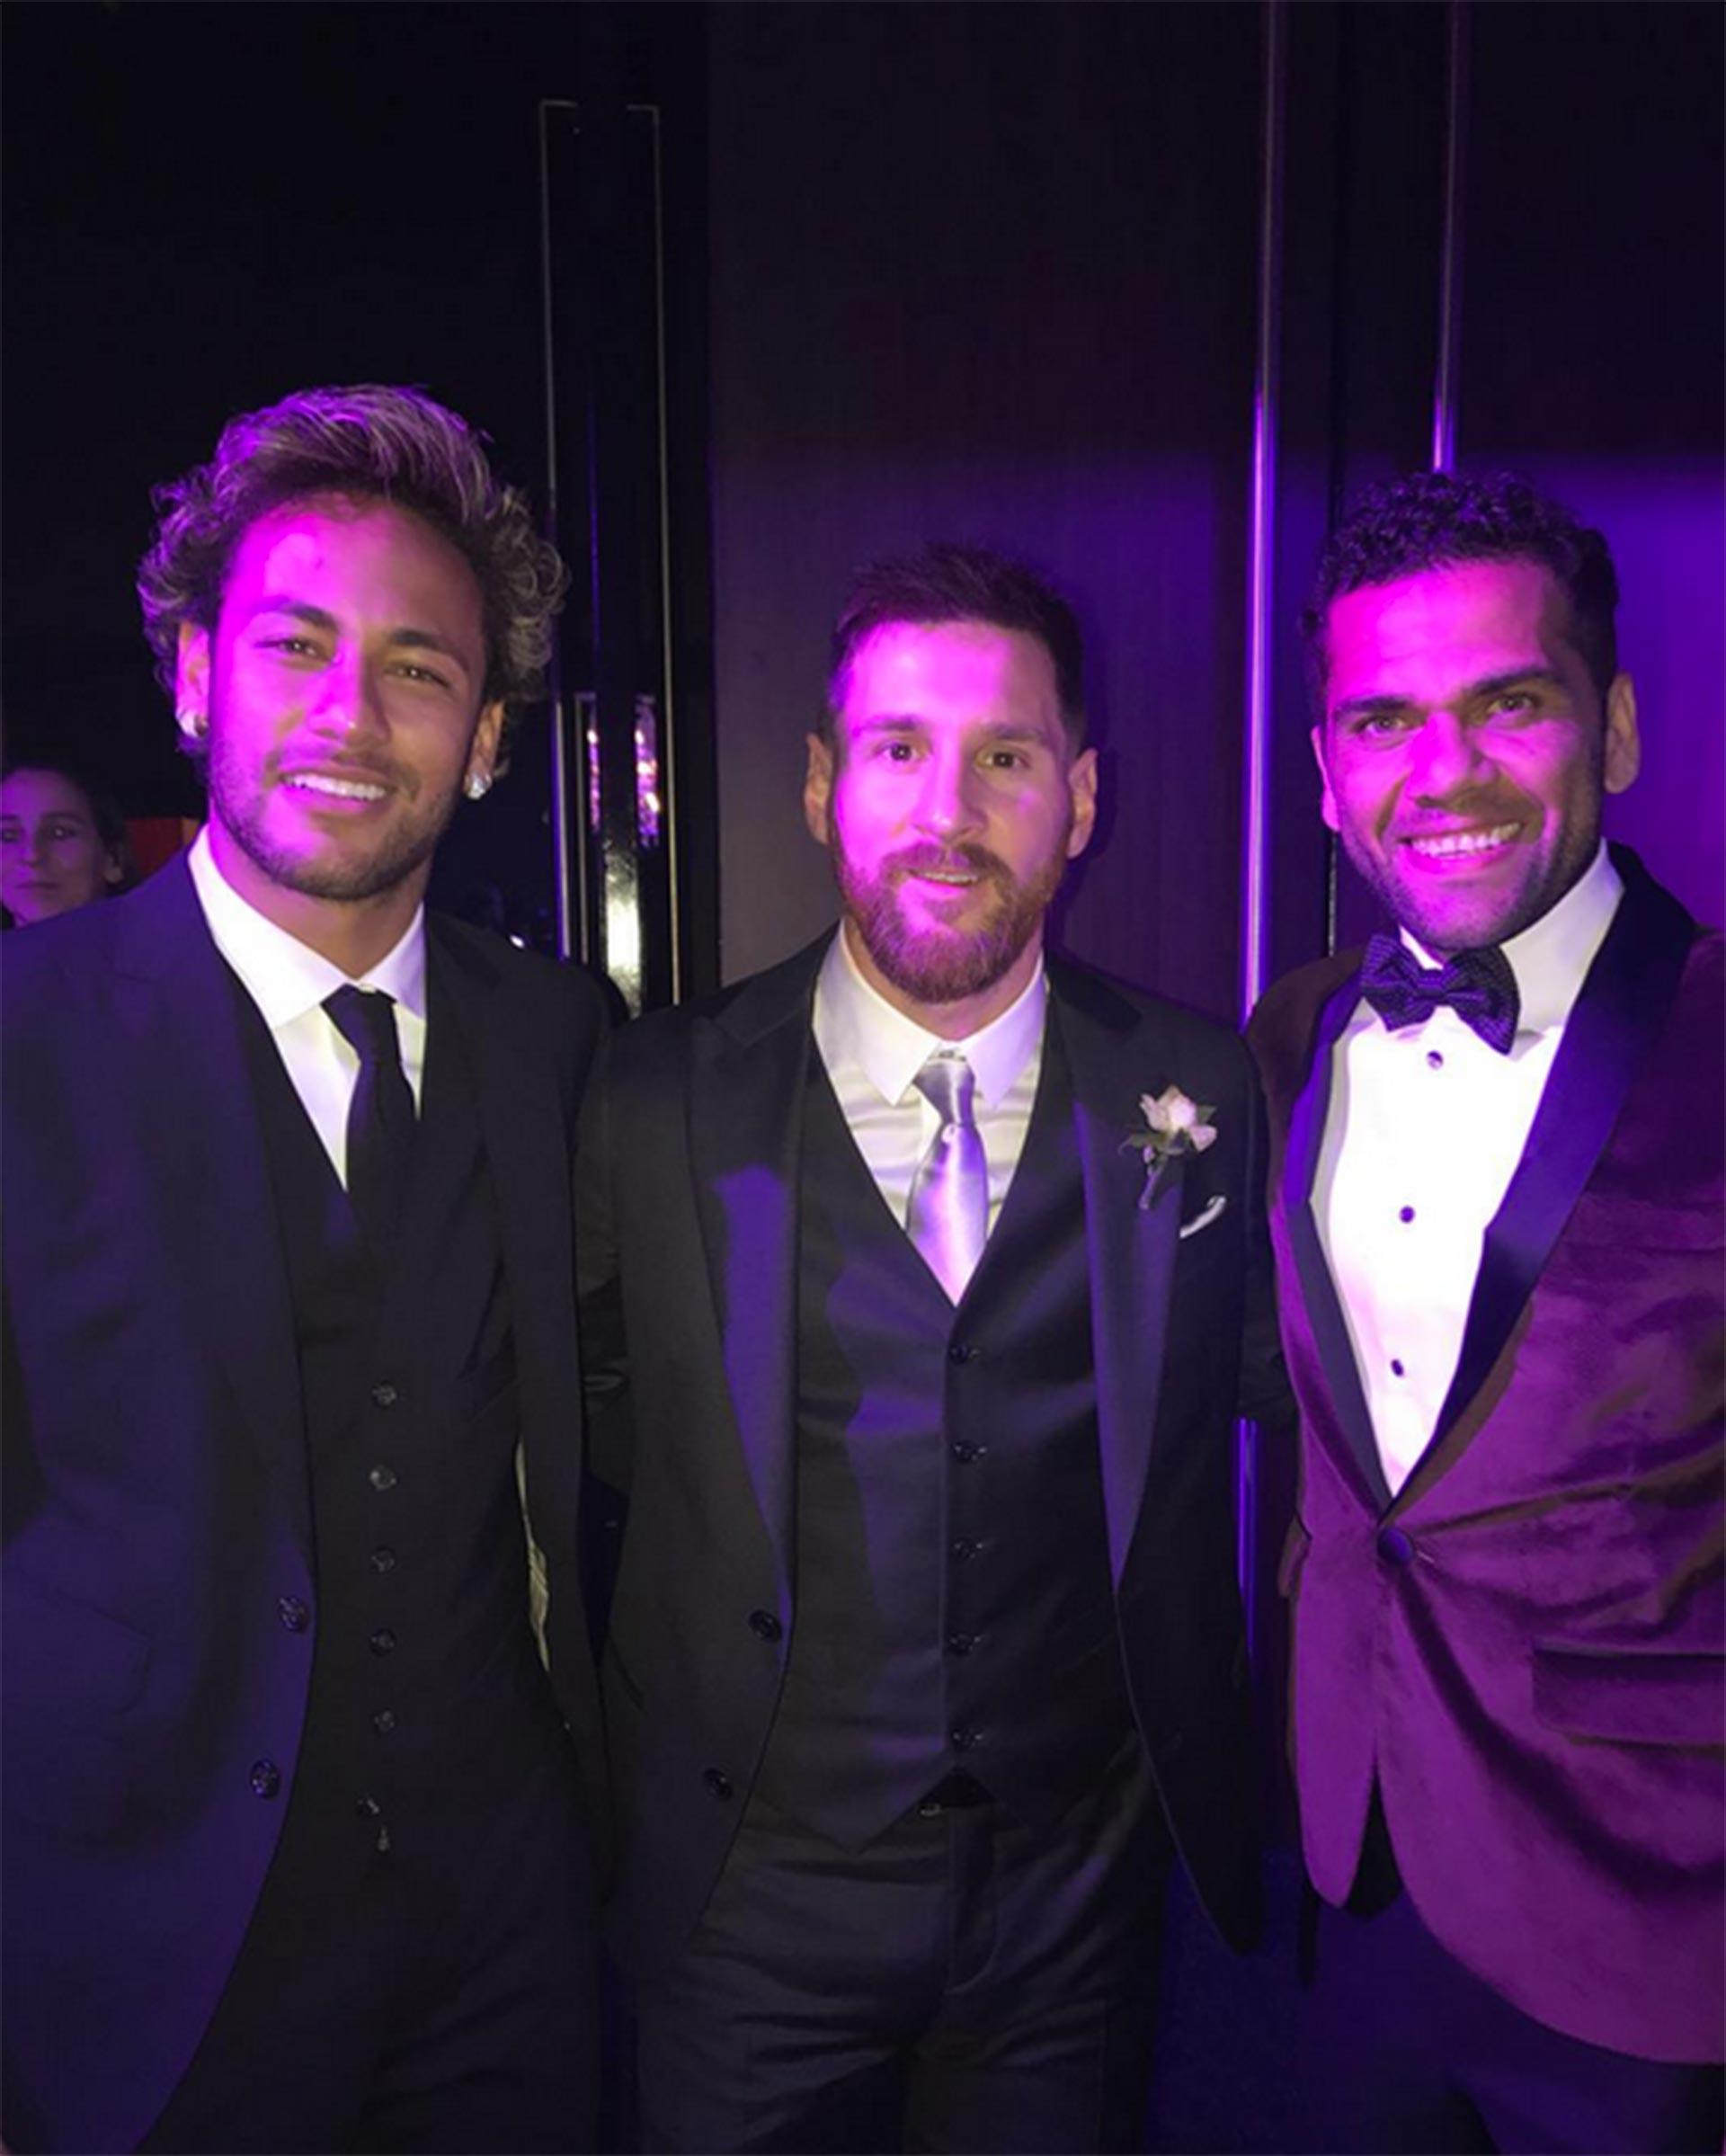 La imagen que publicó Neymar en las redes sociales